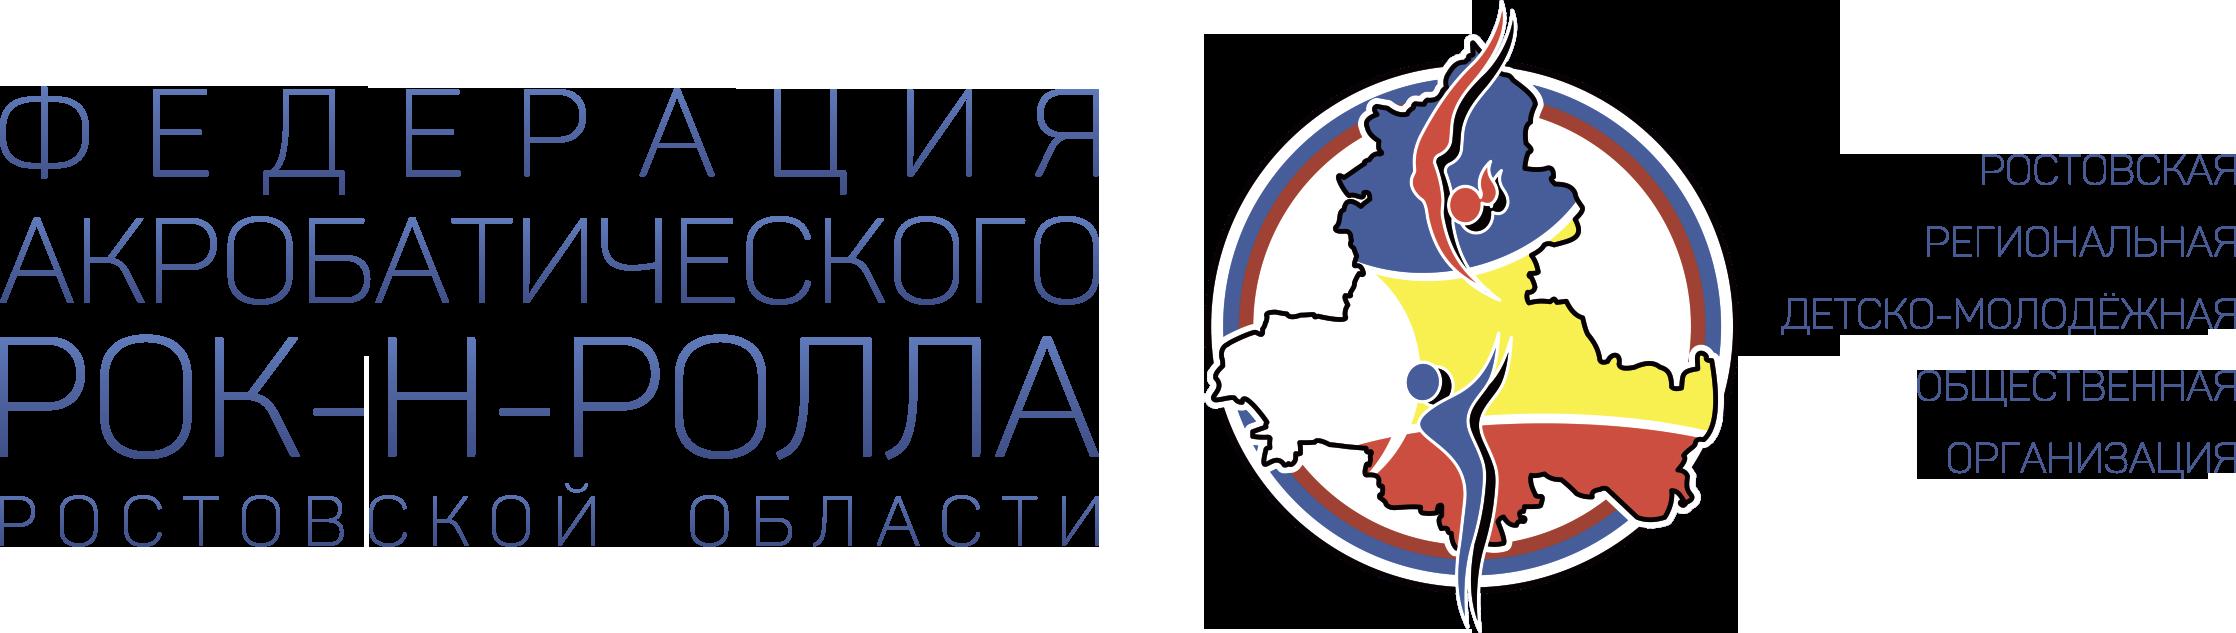 Логотип Федерация акробатического рок-н-ролла Ростовской области